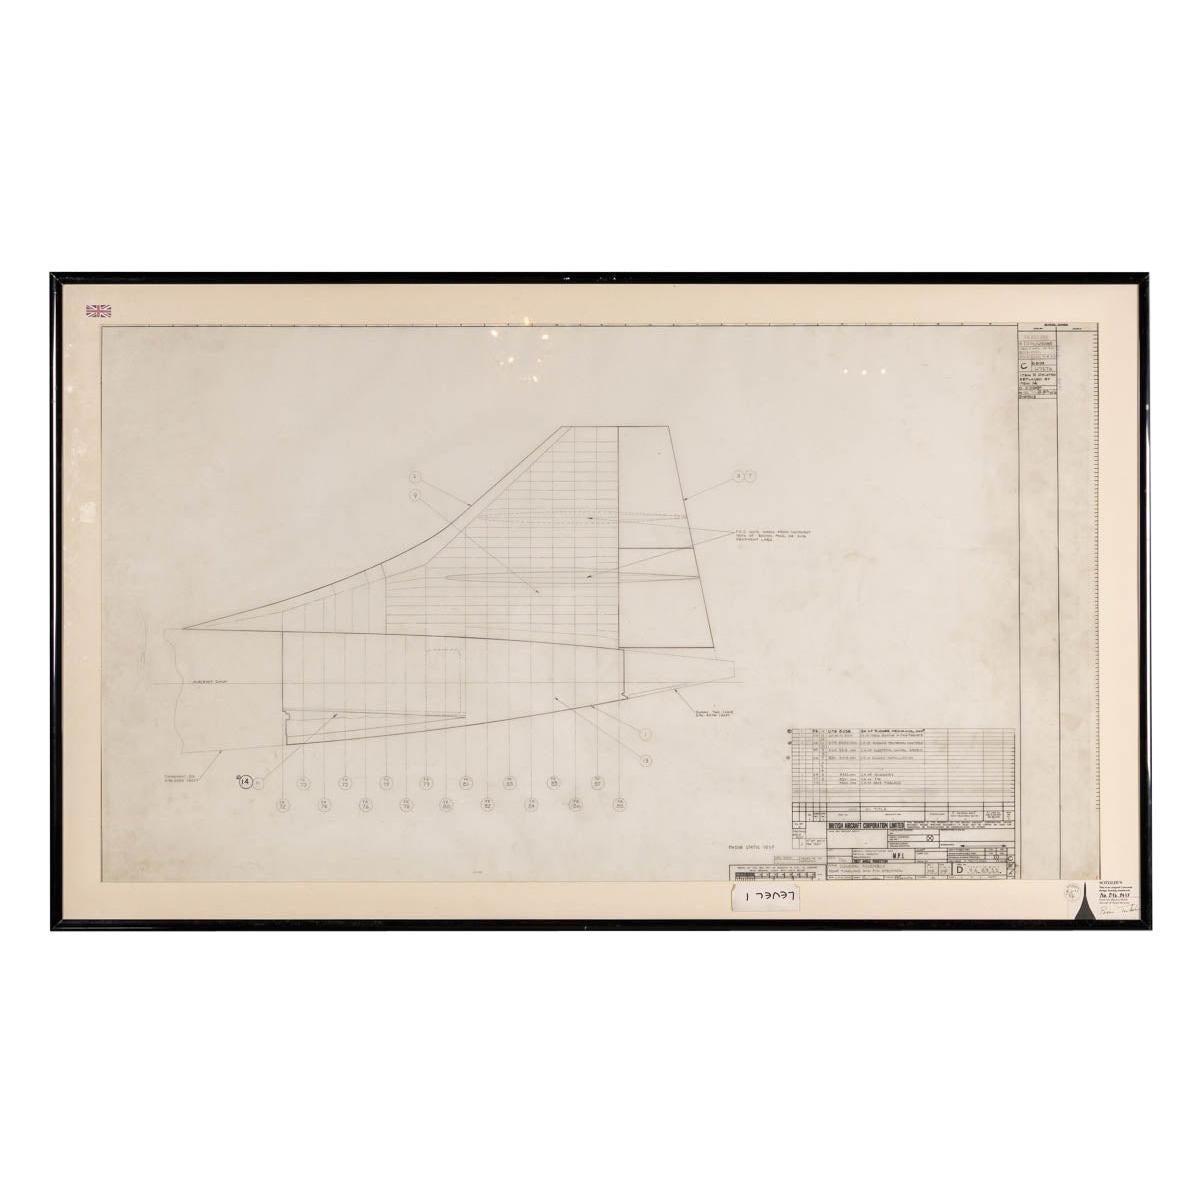 Original Concorde Design Drawing, England, c.1960